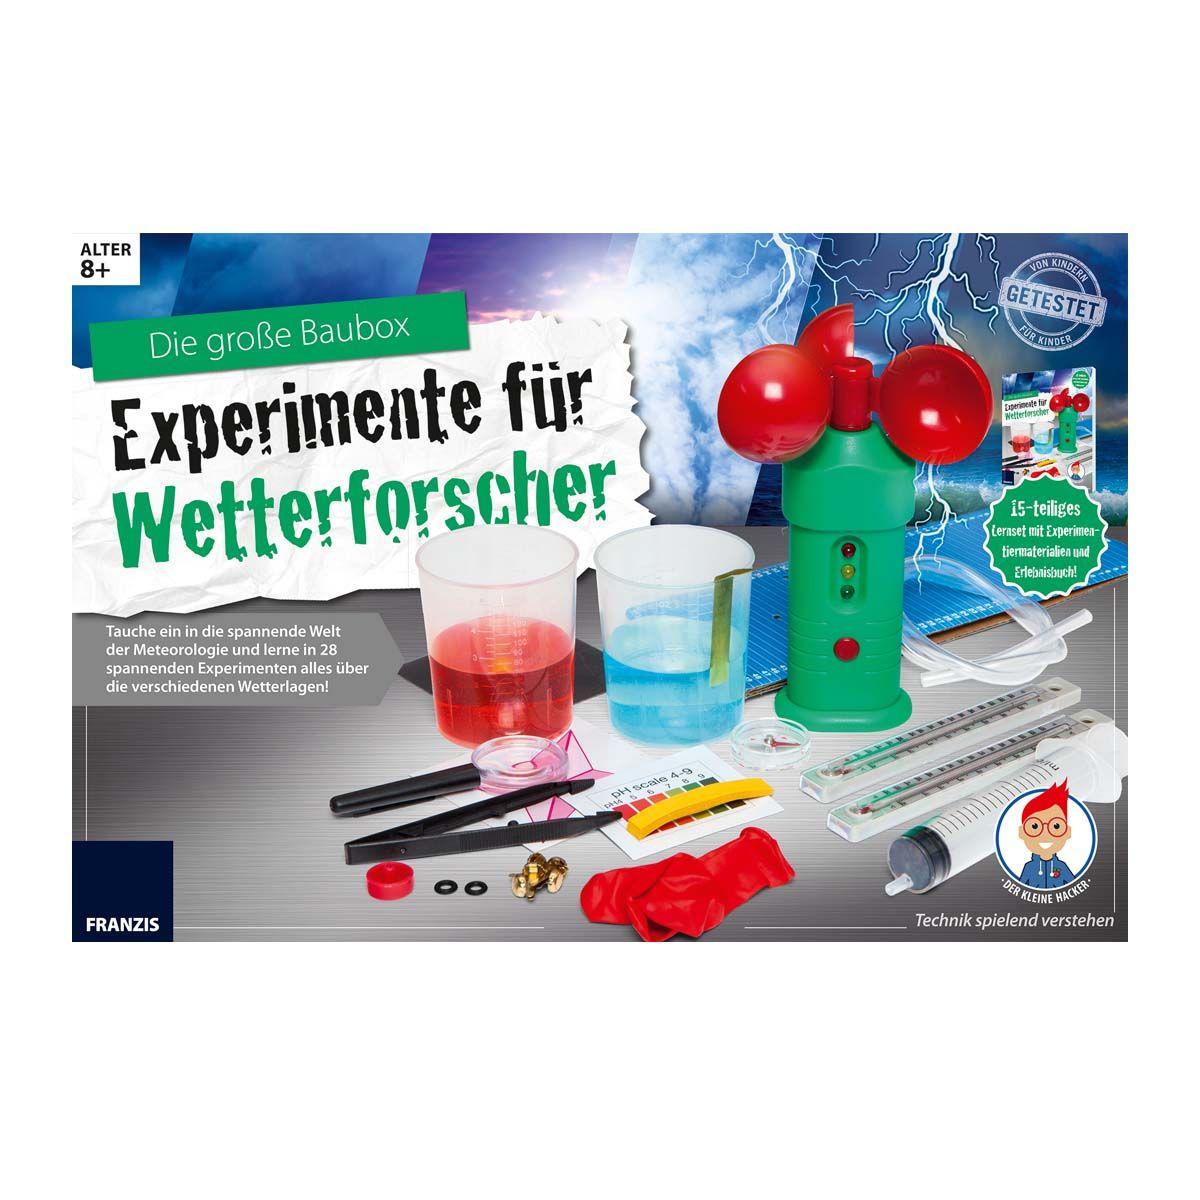 Franzis Die große Baubox: Experimente für Wetterforscher